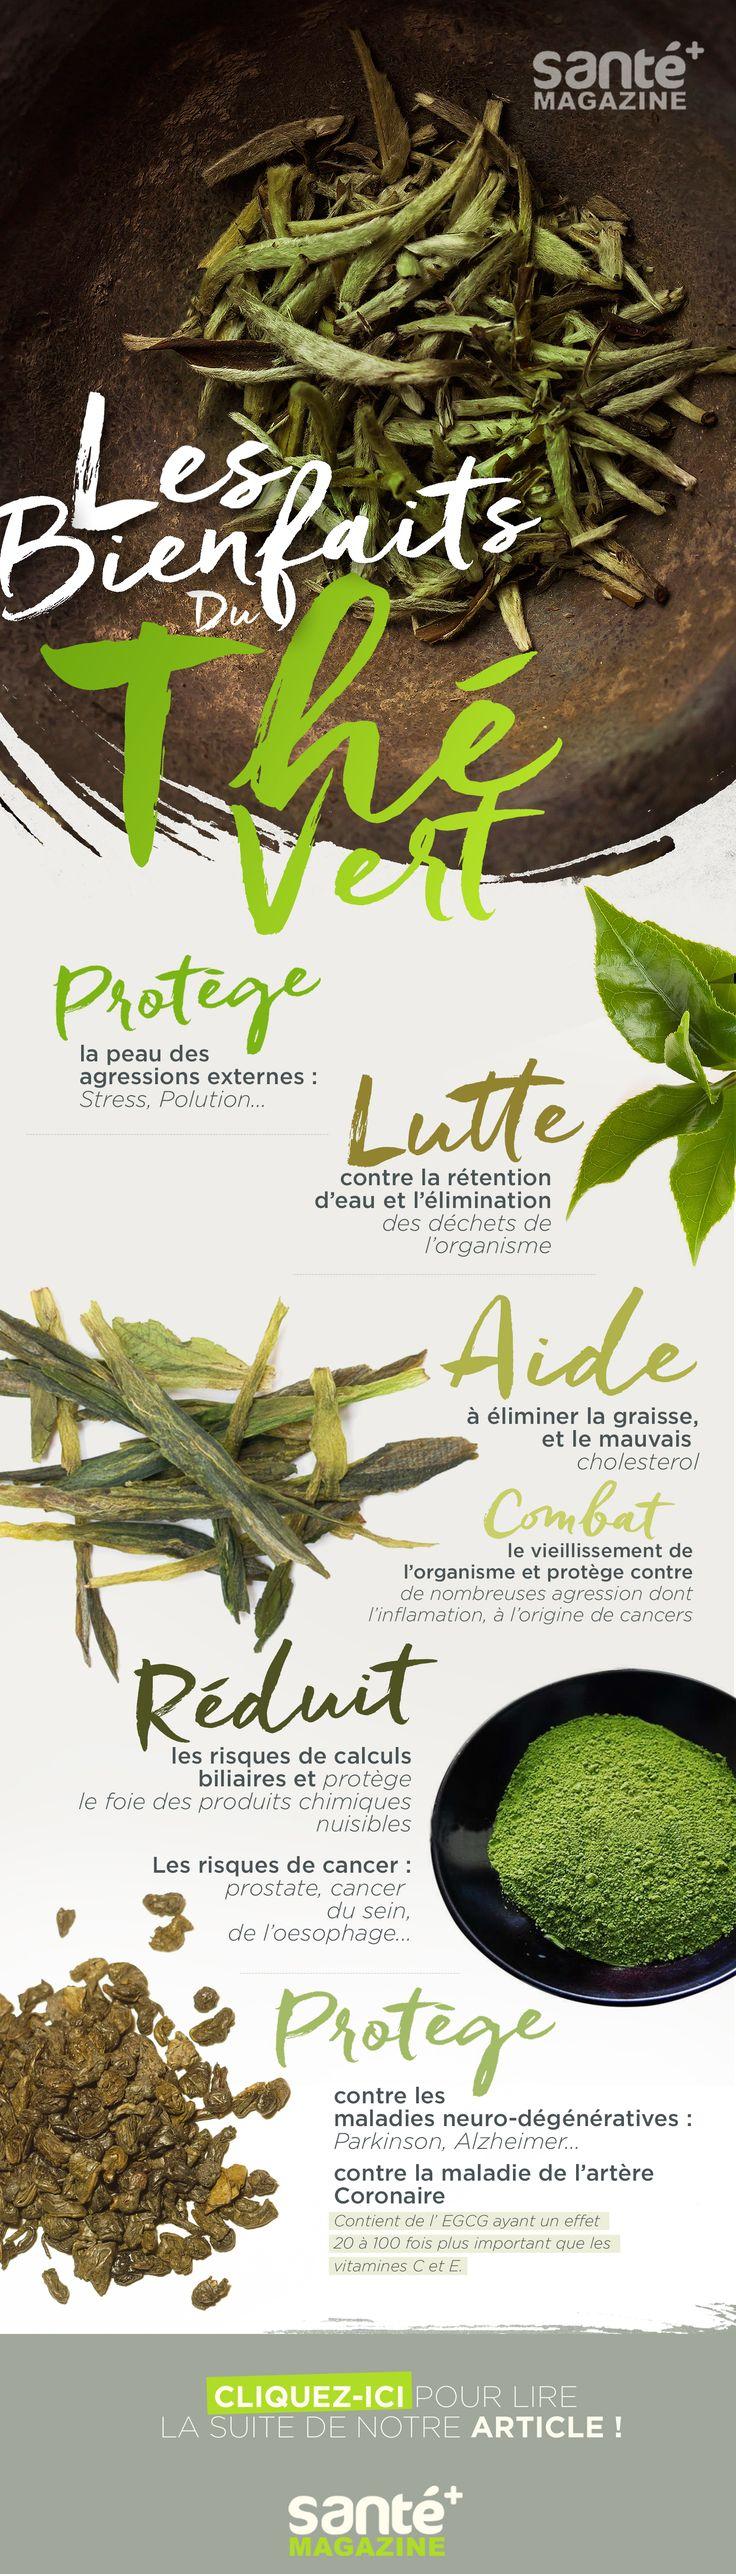 © Santé + Magazine - Thé vert, Bienfaits, Antioxydant, Santé, Nutrition, Bien-être,